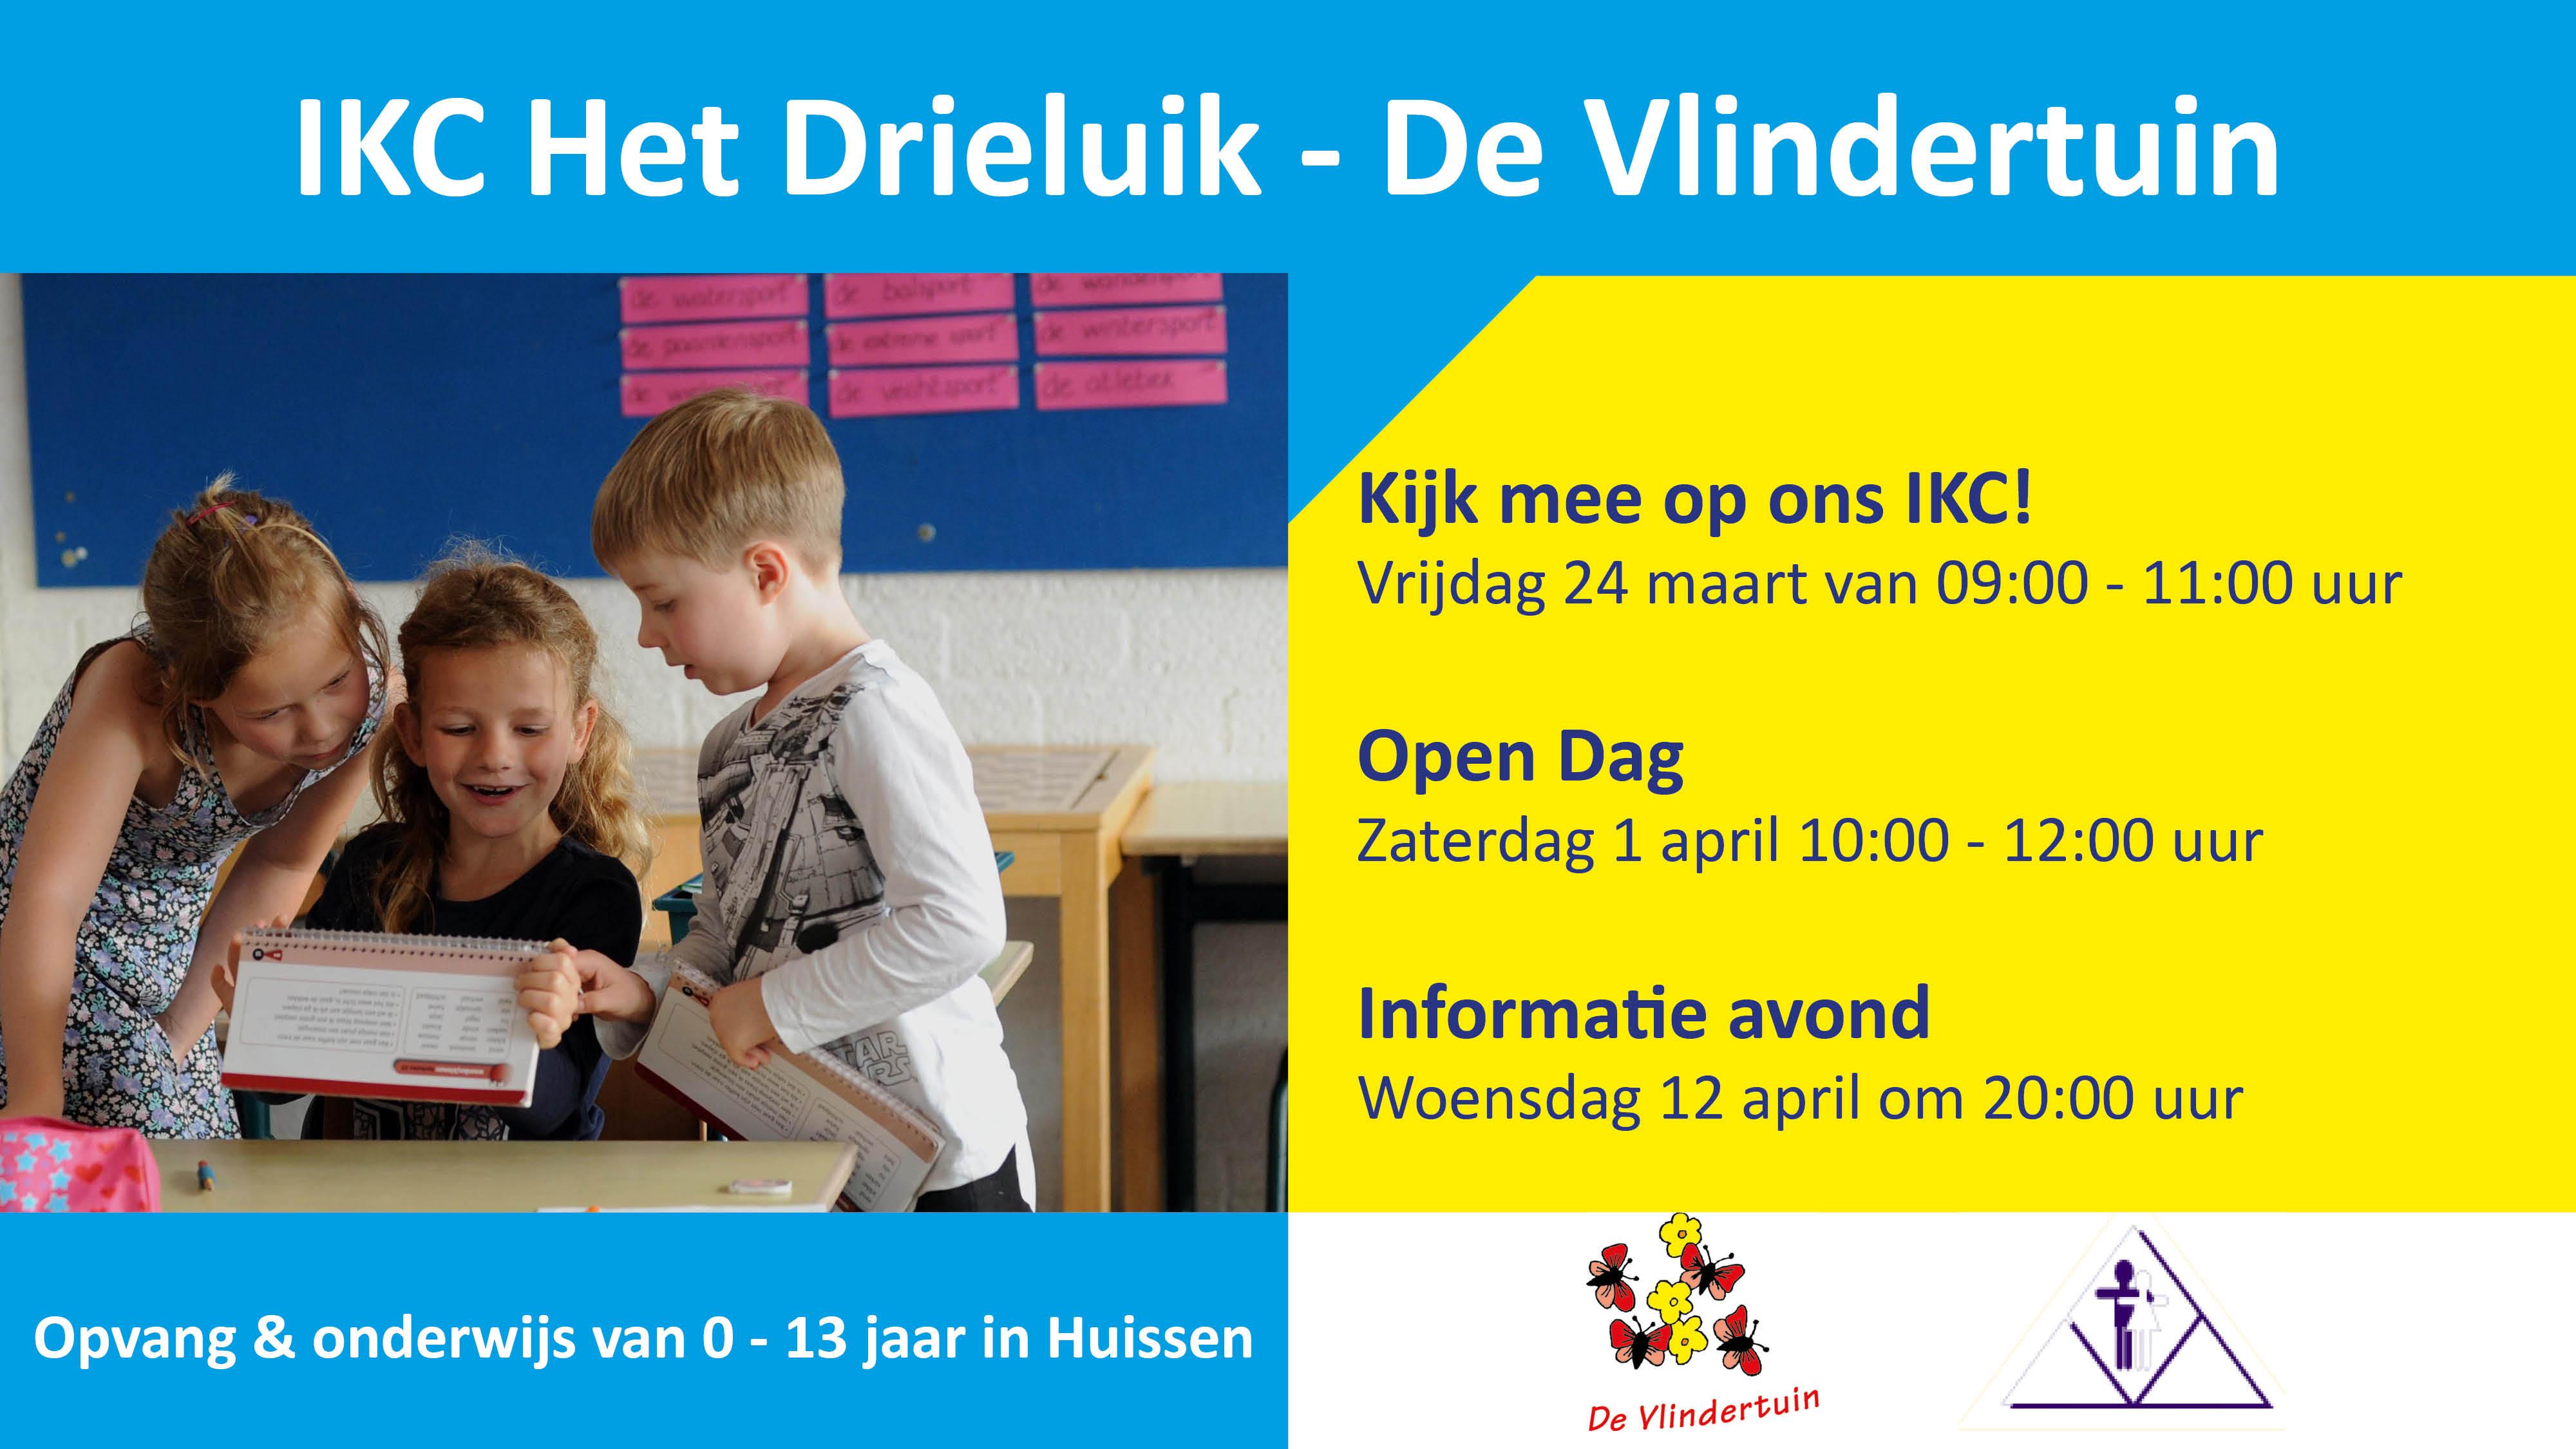 Kom kijken bij IKC Het Drieluik – De Vlindertuin in Huissen!